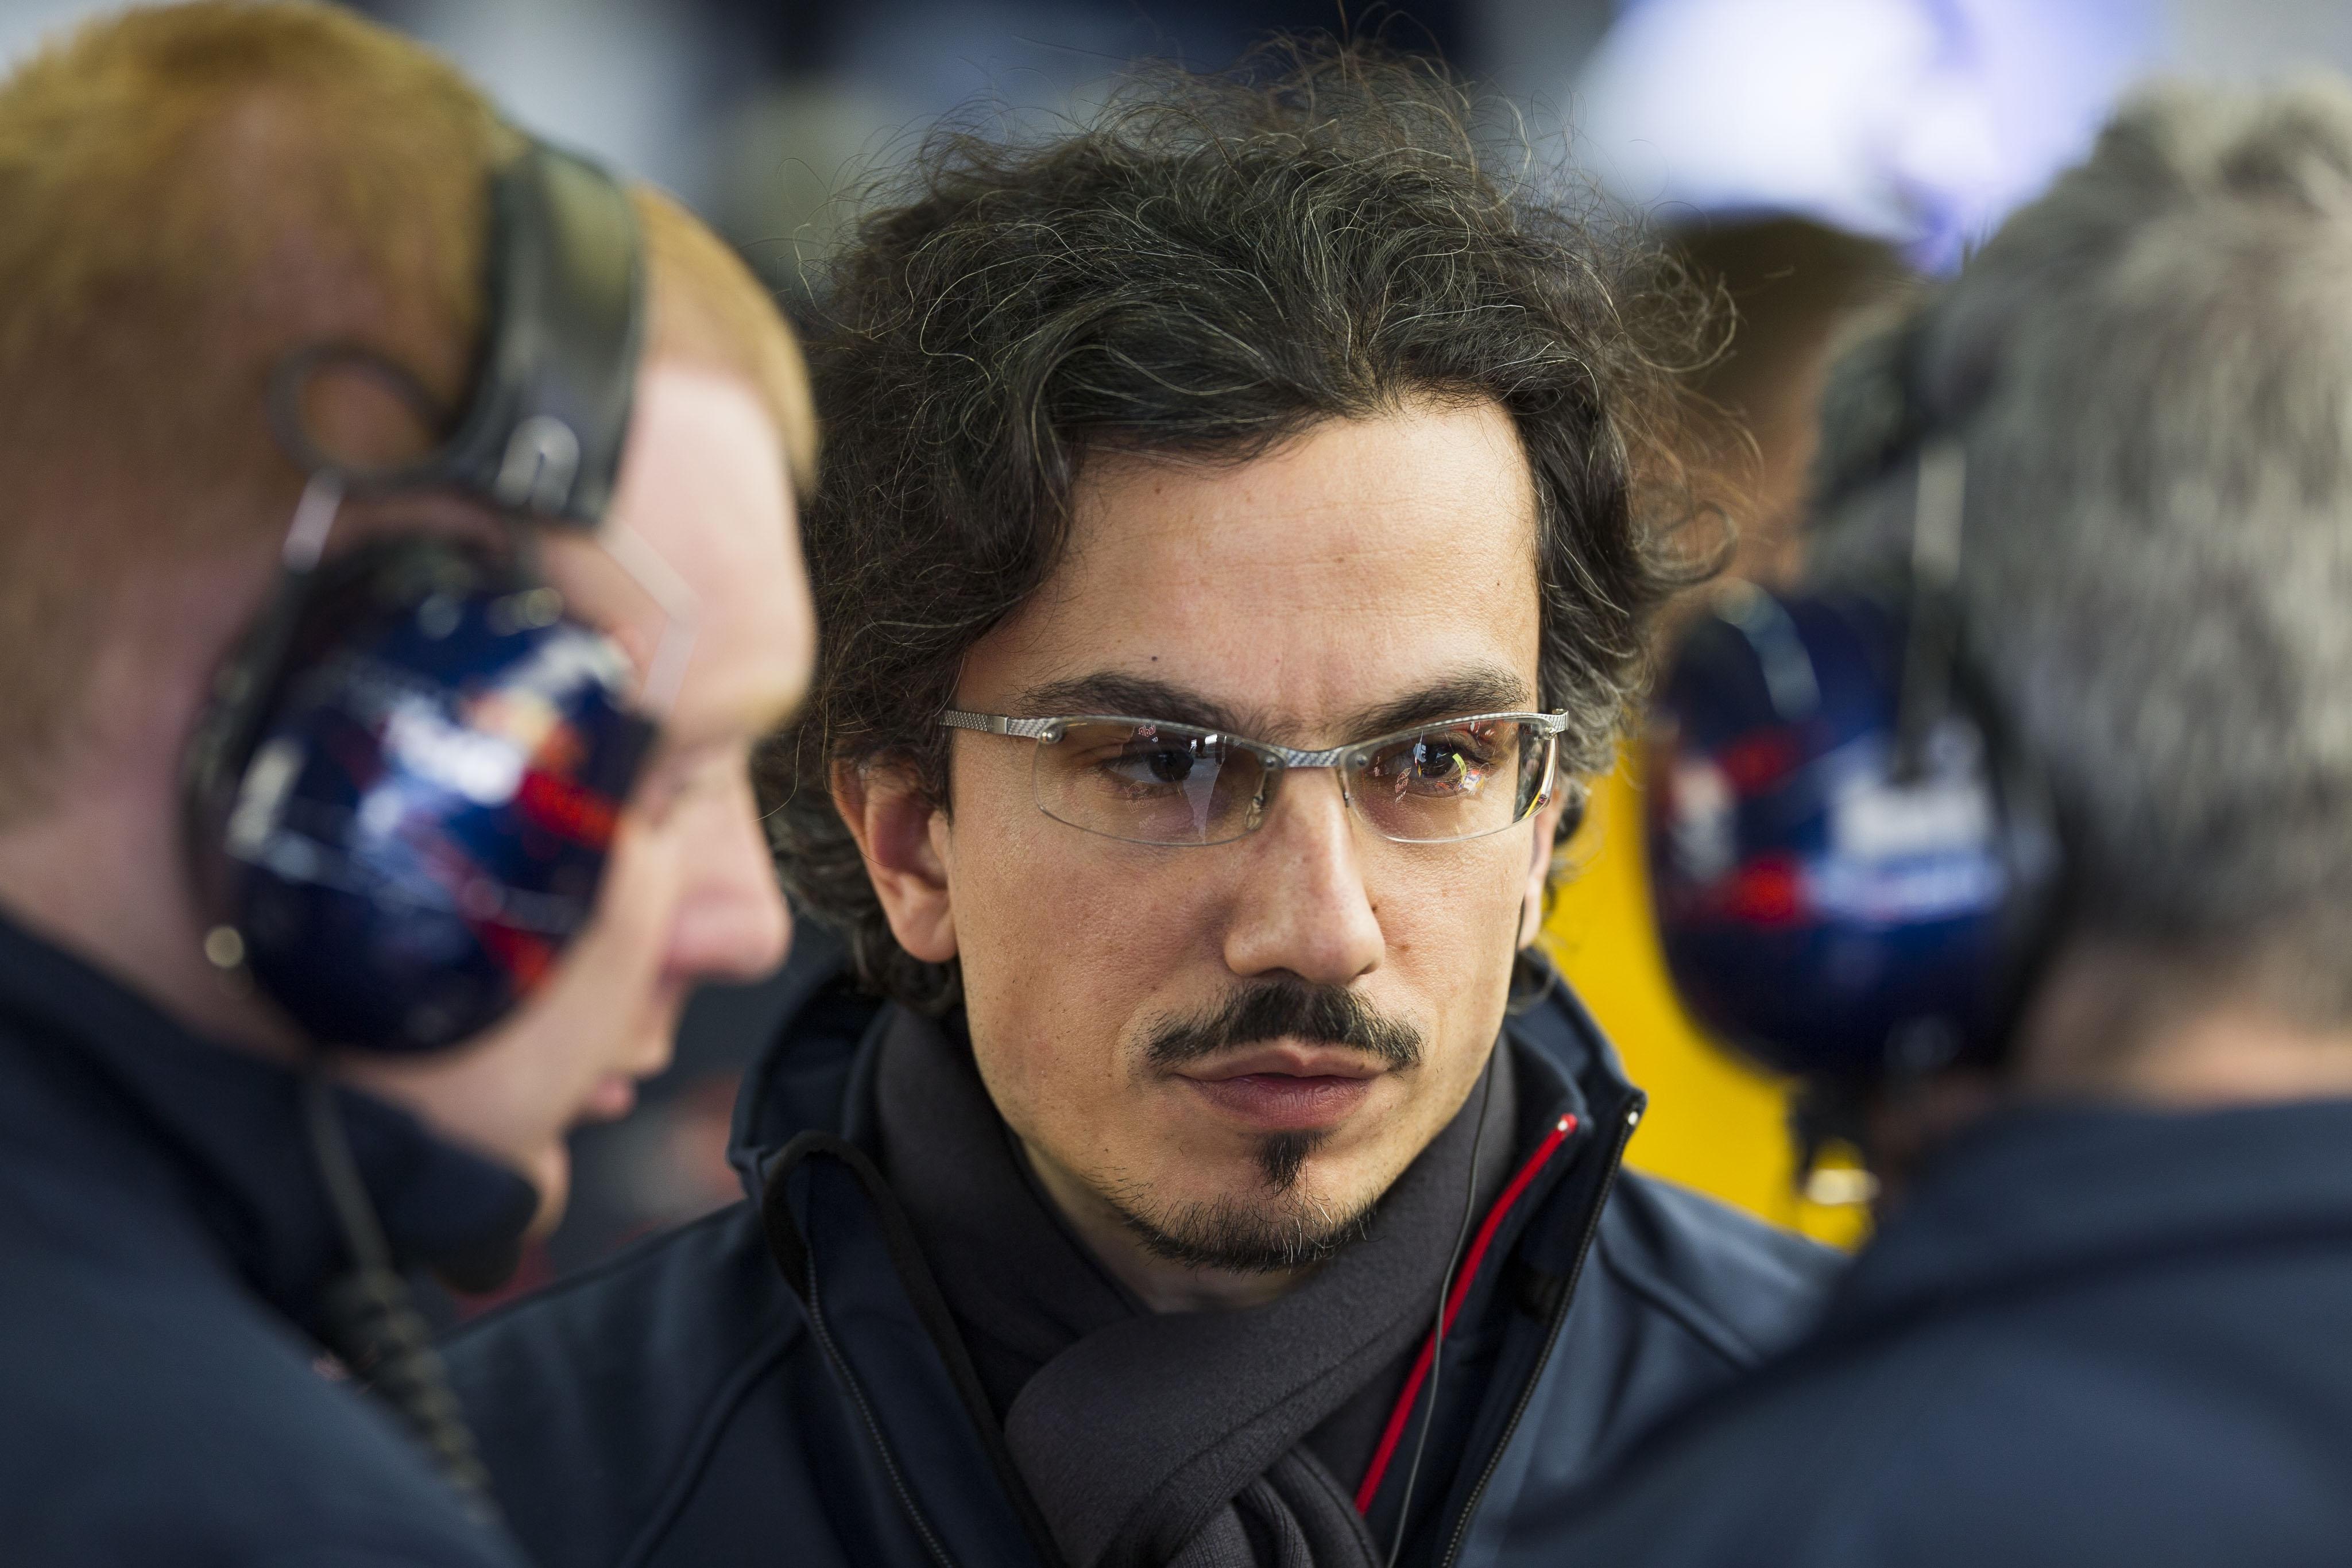 Най-новото назначение във Ф1 отбора на Ферари – това на